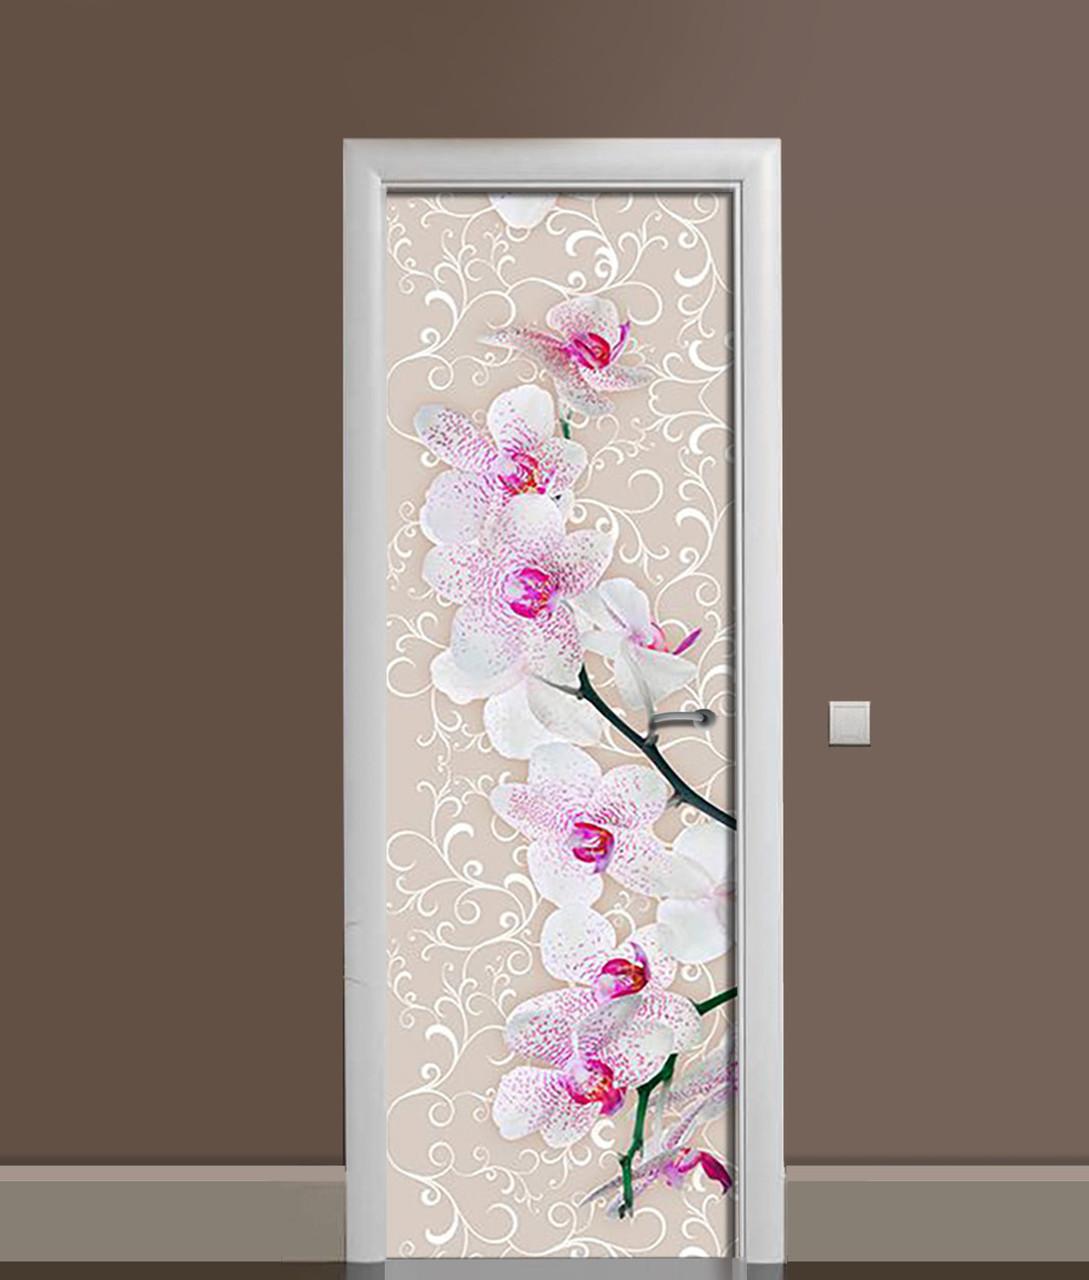 Виниловая 3Д наклейка на дверь Тигровые Орхидеи Орнамент (самоклеющаяся пленка ПВХ) узоры Цветы Бежевый 650*2000 мм